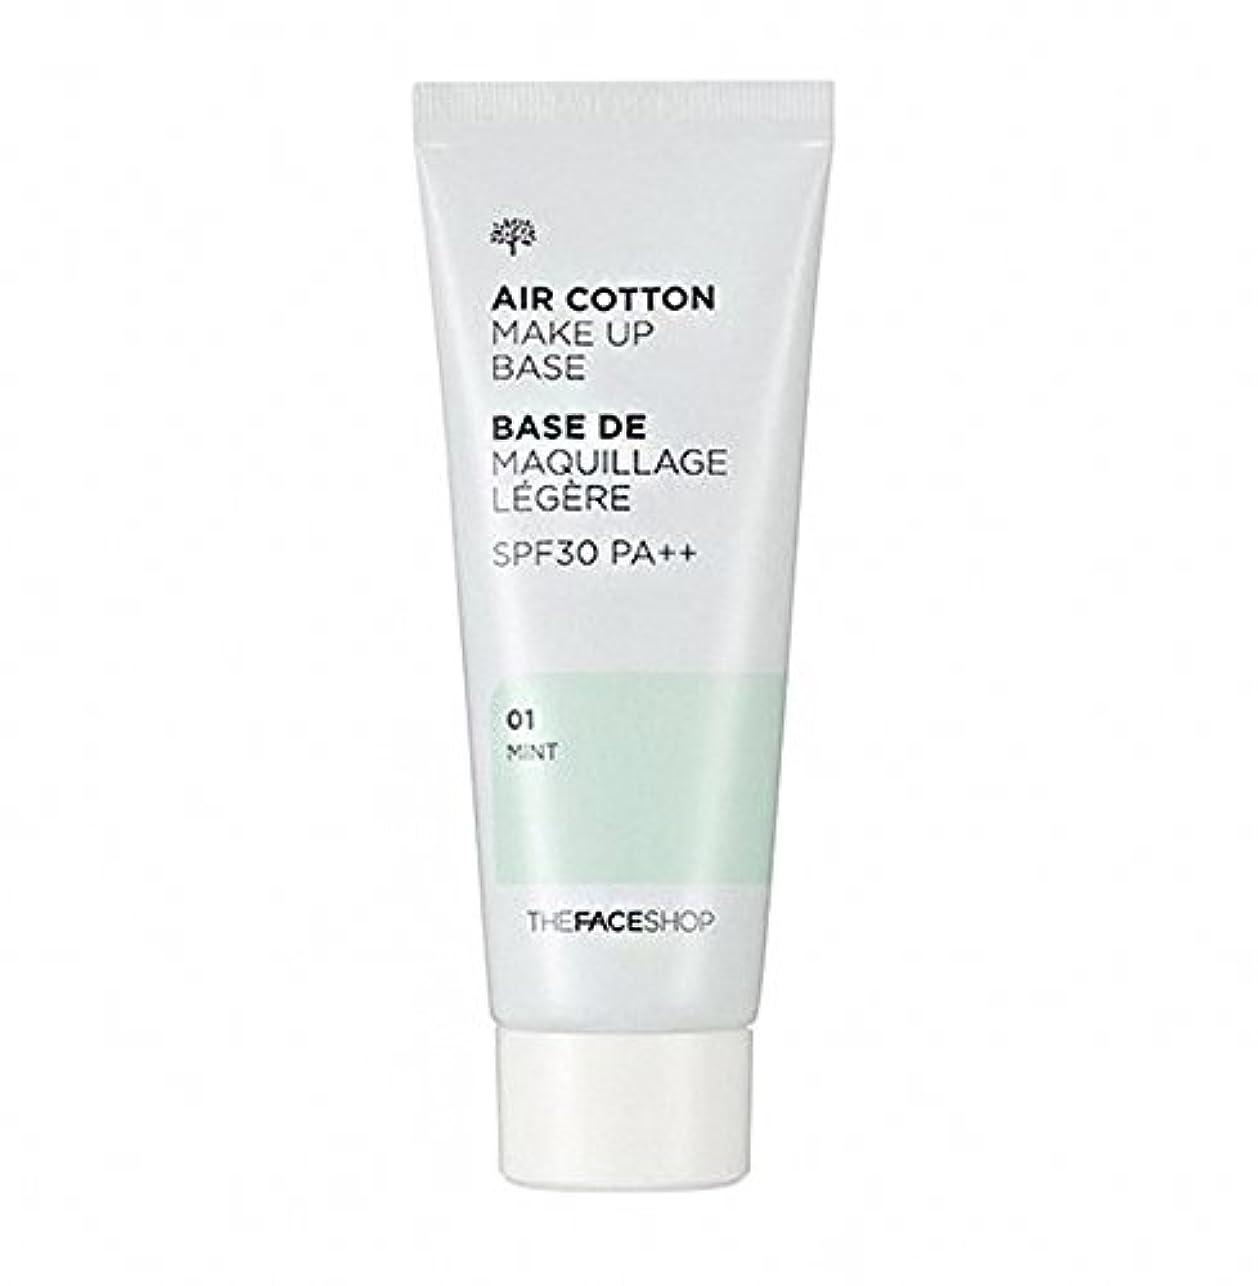 口述正確の前でザ·フェイスショップ The Face Shop エアコットン メーキャップ ベース 40ml(01 ミント) The Face Shop air Cotton Makeup Base 40ml(01 Mint) [海外直送品]